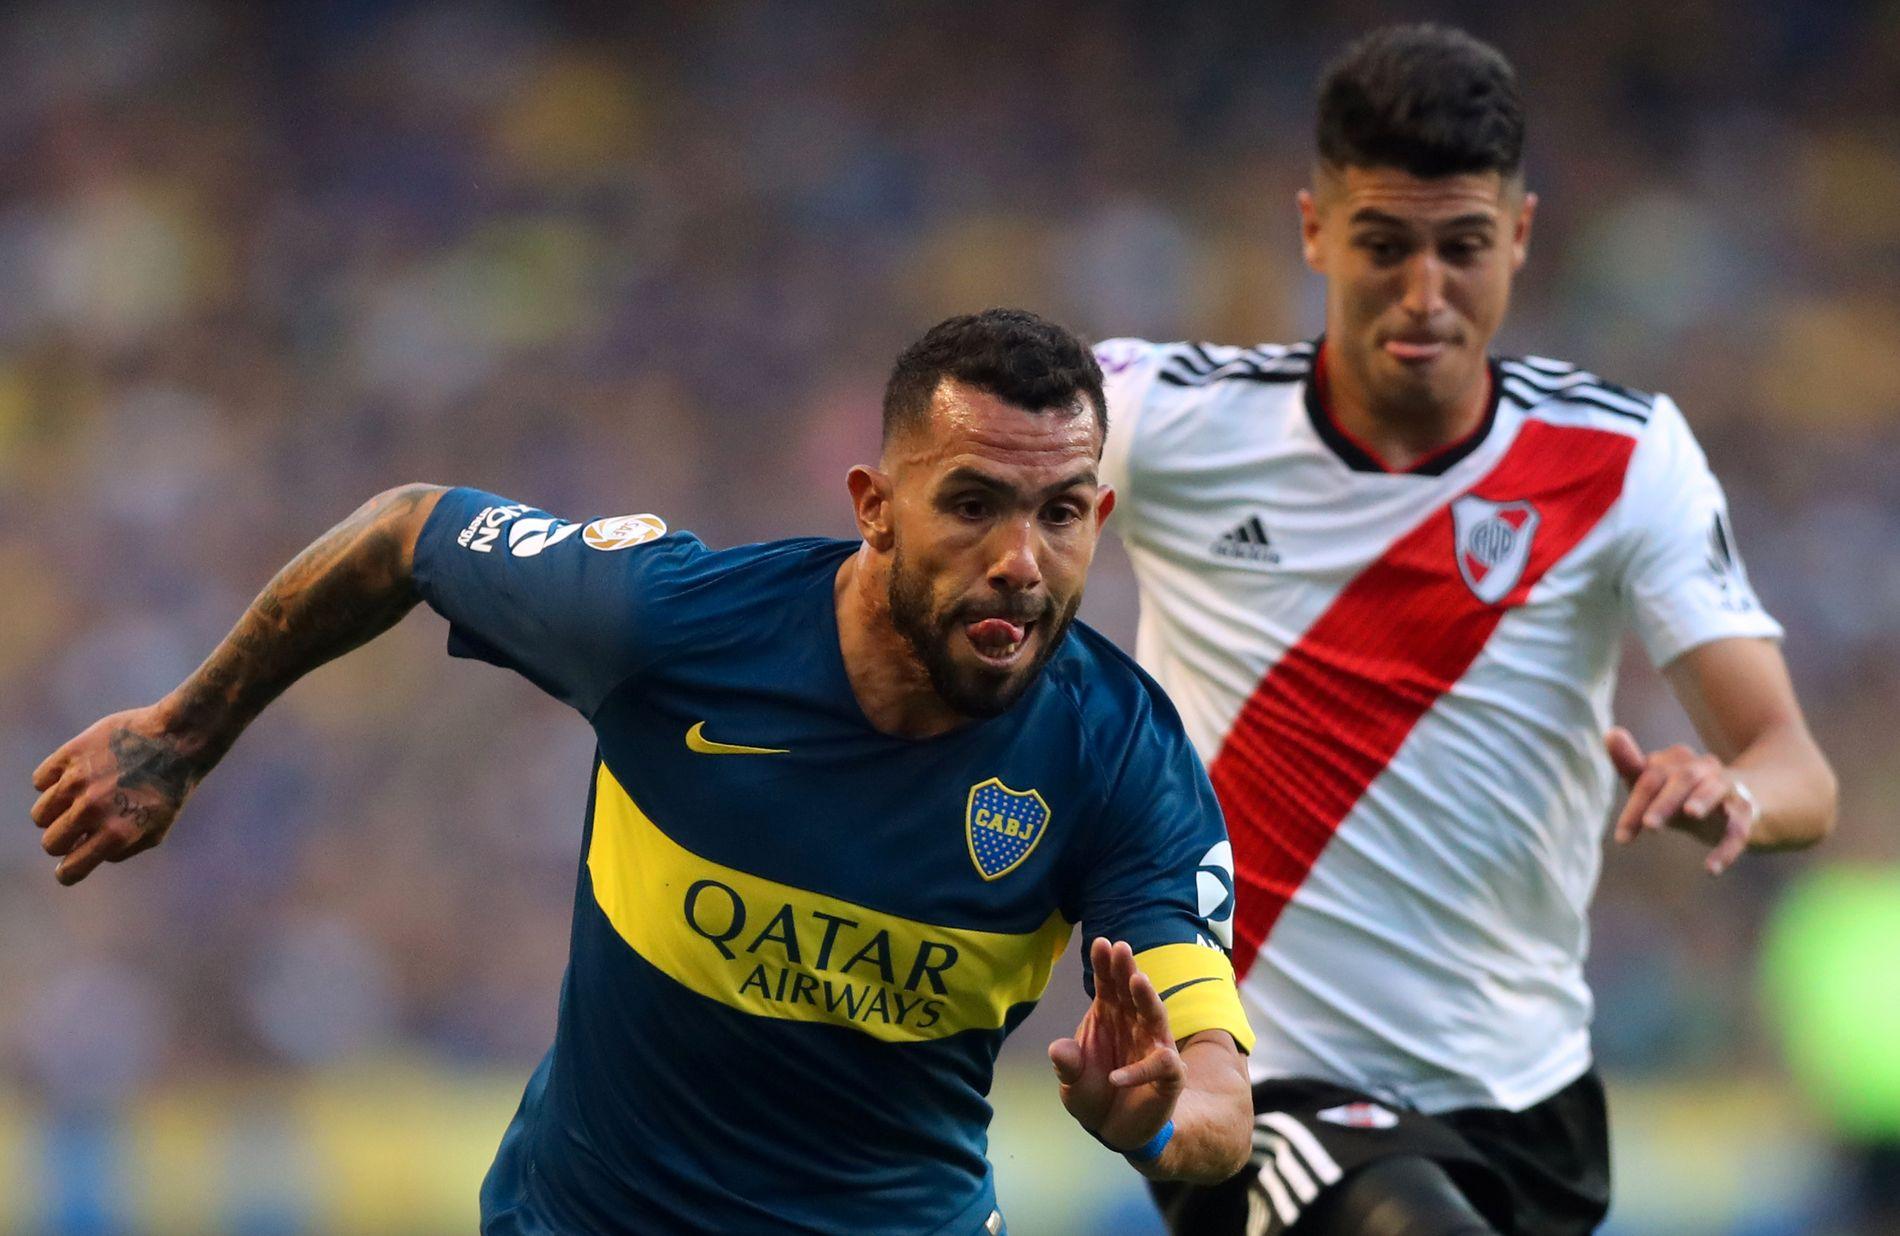 Carlos Tévez (til venstre), med bakgrunn i blant annet Manchester United, Manchester City og Juventus, er trolig den mest kjente spilleren i rivaloppgjøret.